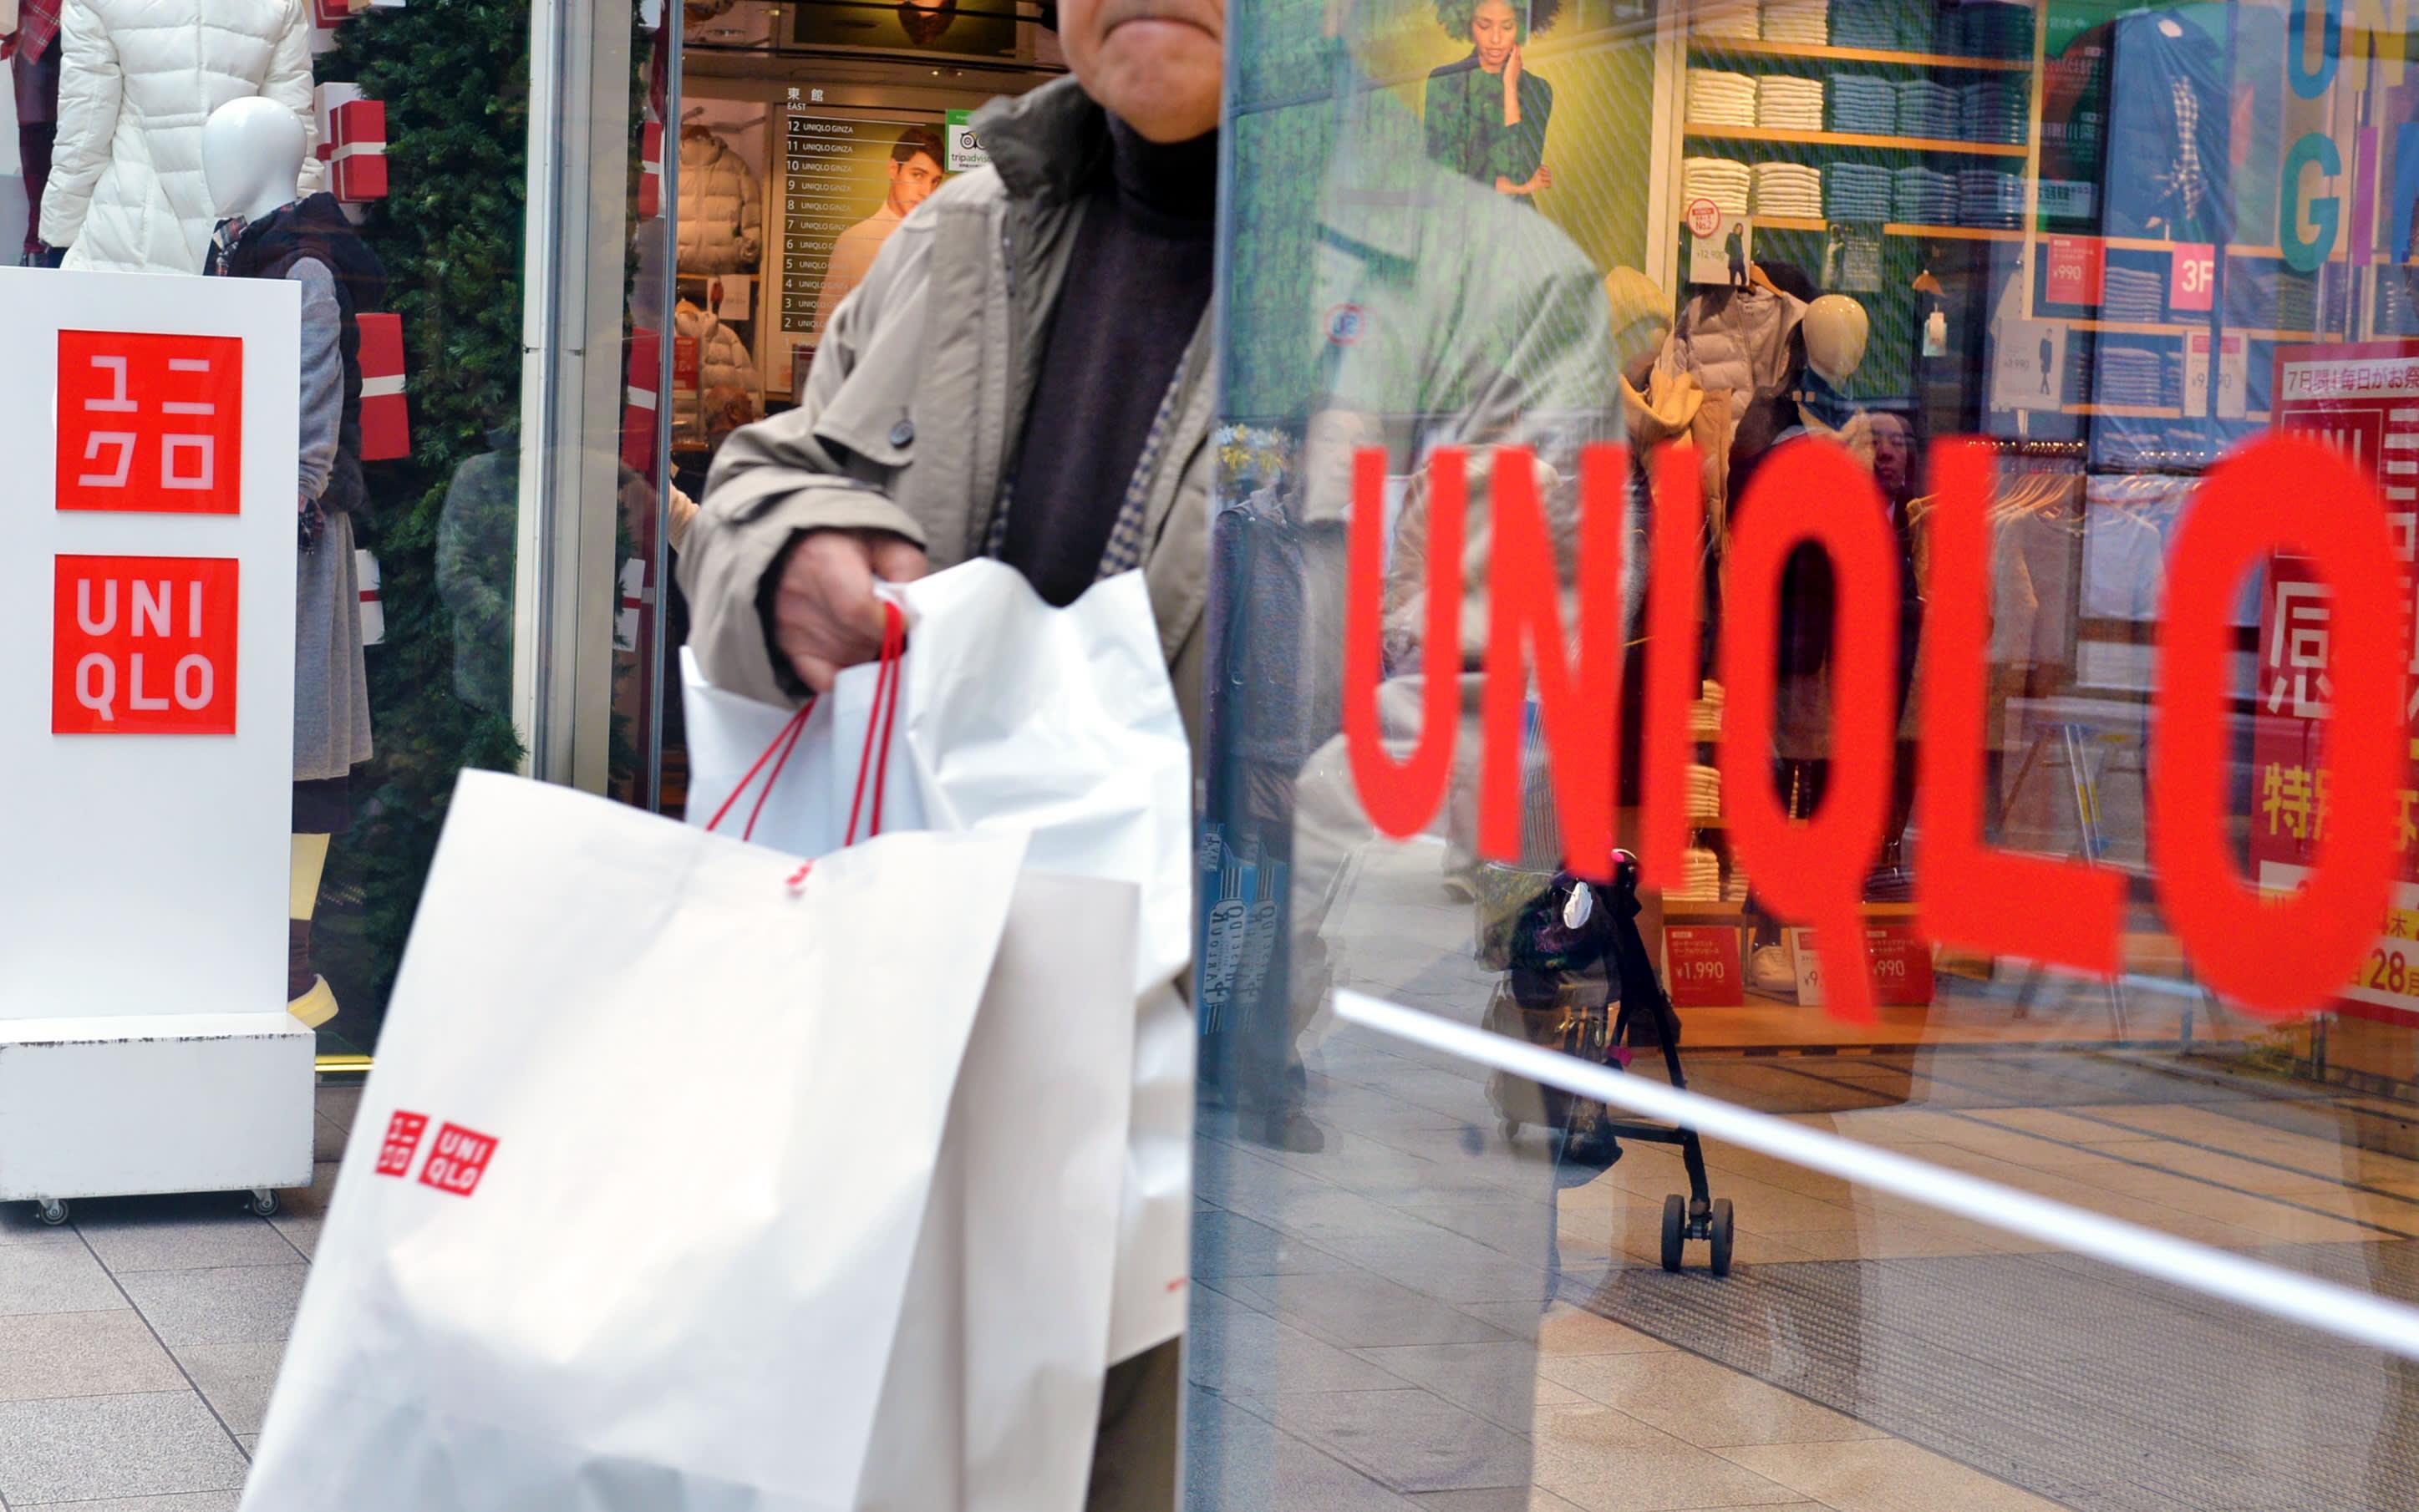 Ông chủ Uniqlo đứng vỗ tay chào đón khách Việt Nam vào mua sắm